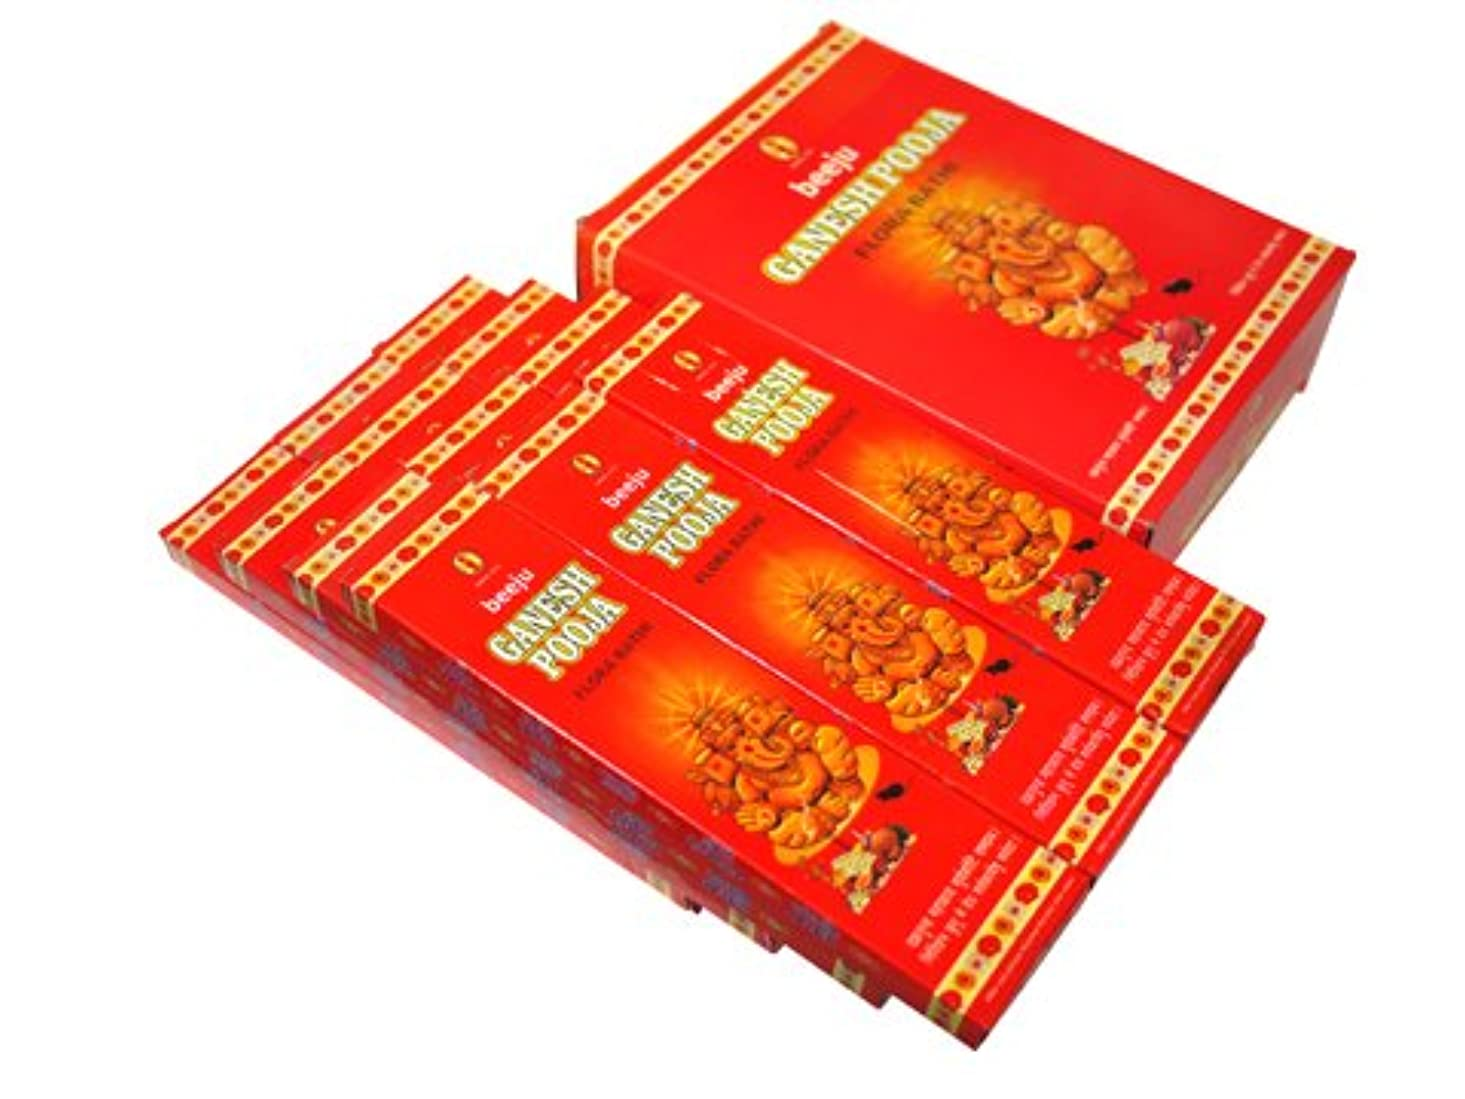 無知ビタミン風景BEEJU(ベージュ) ガネーシャプージャ香 スティック GANESH POOJA 12箱セット